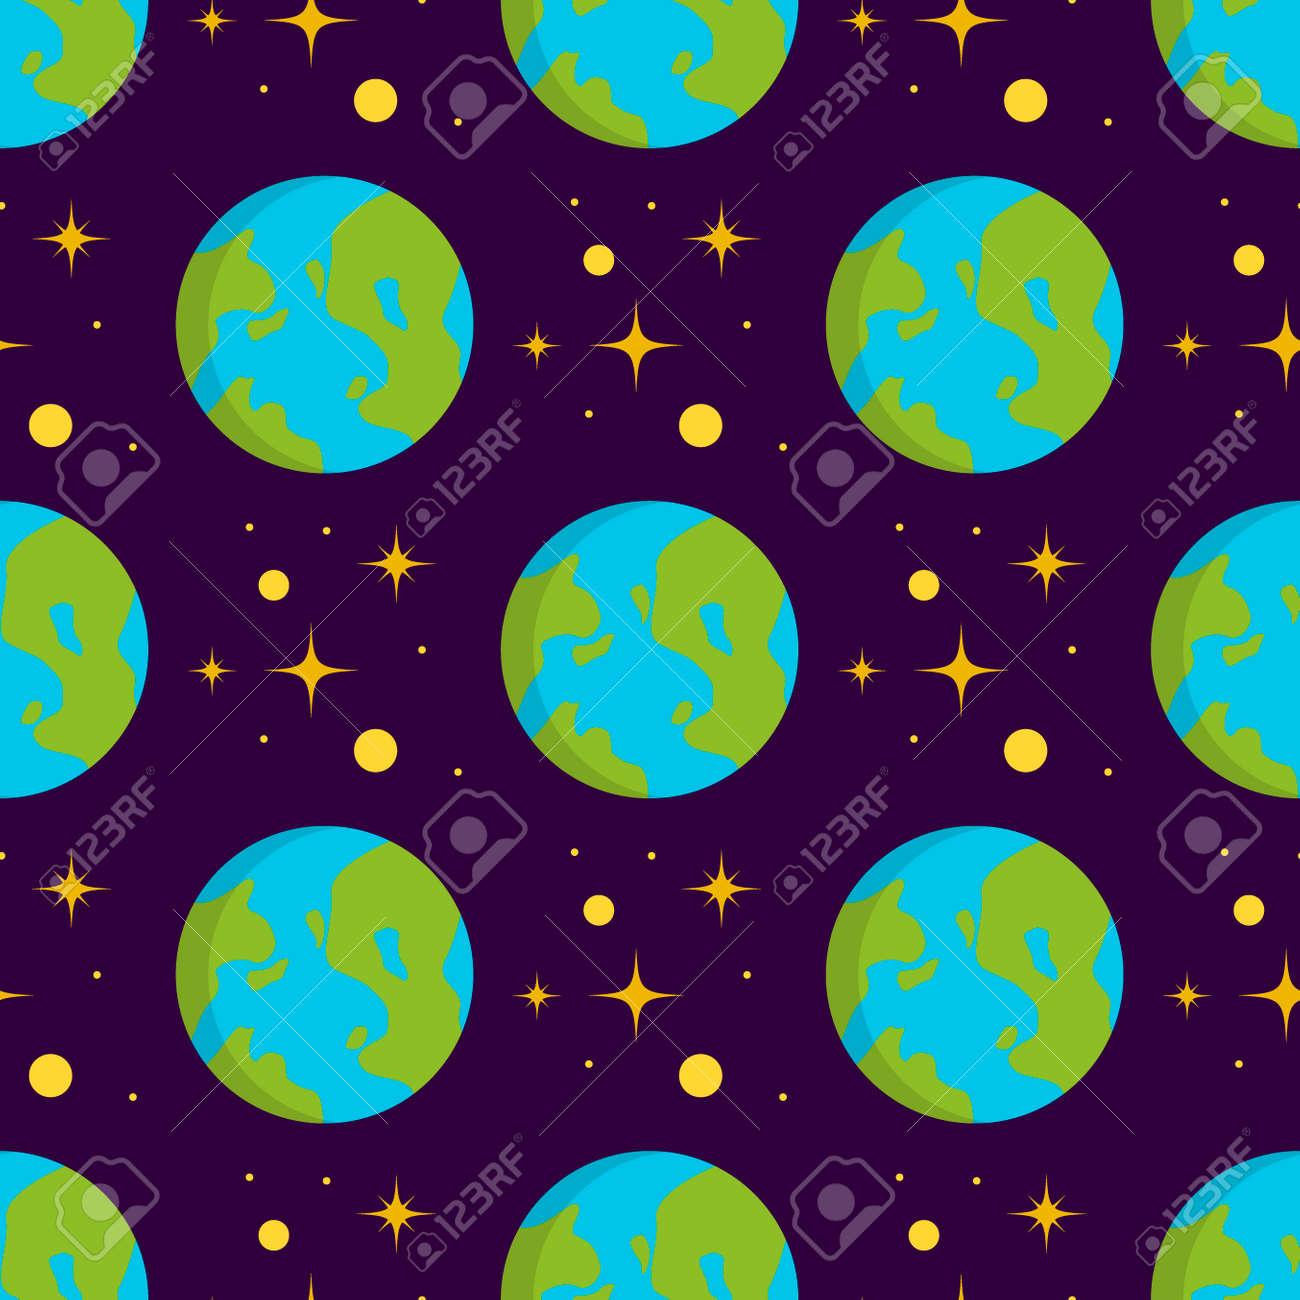 Solaire Systeme Espace Planetes Galaxie Terre Modele Sans Couture